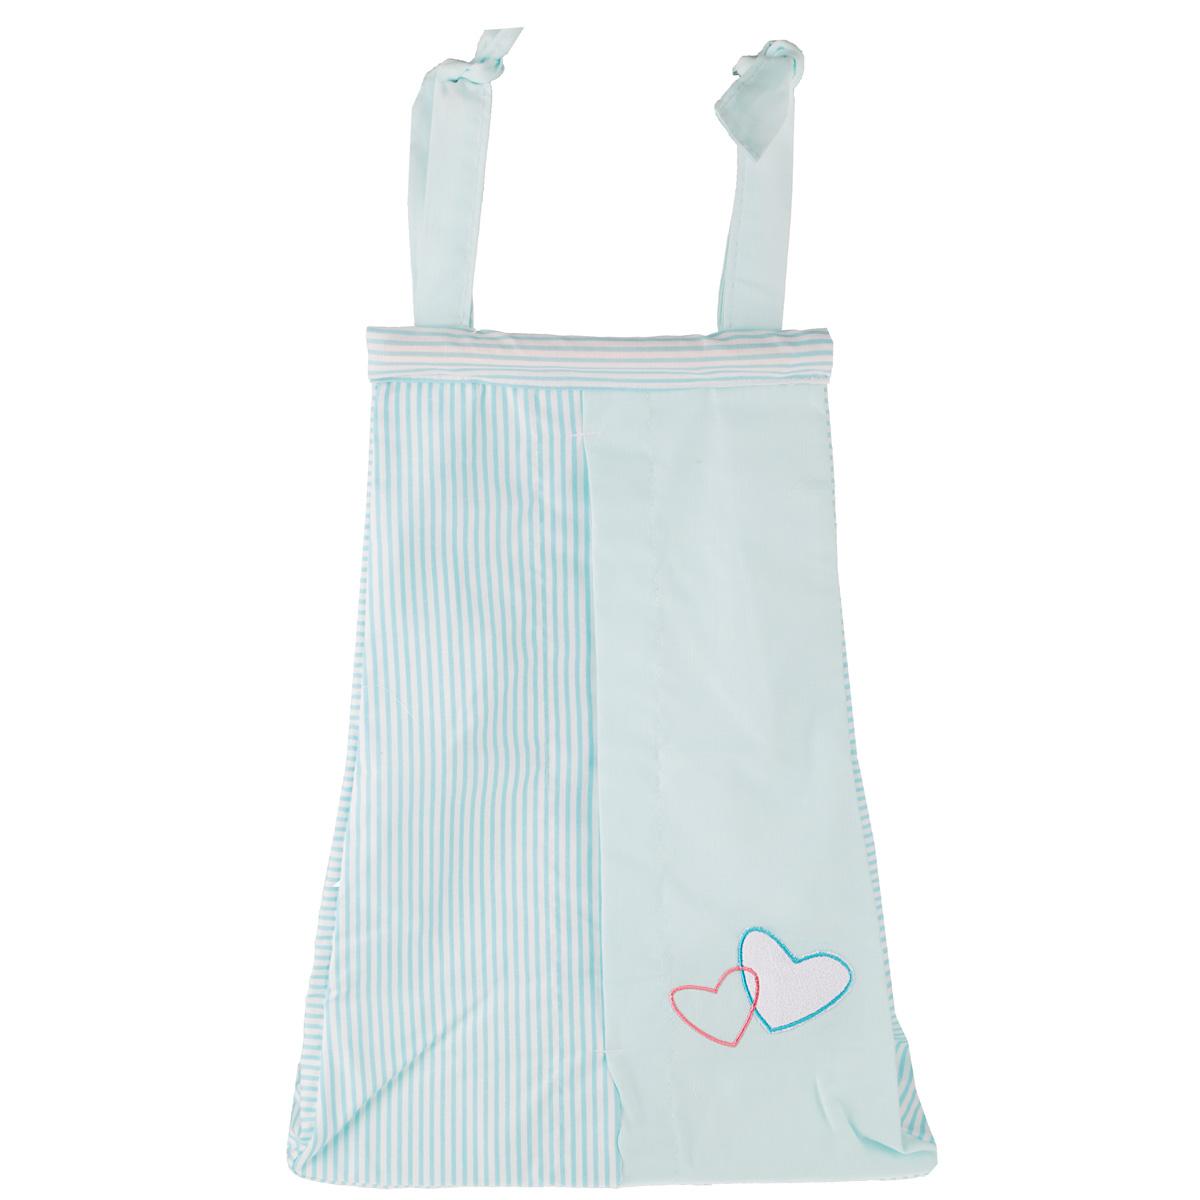 Сумка для пеленок и подгузников Fairy Жирафик, цвет: голубой, 50 см х 40 см fairy сумка для пеленок и подгузников жирафик